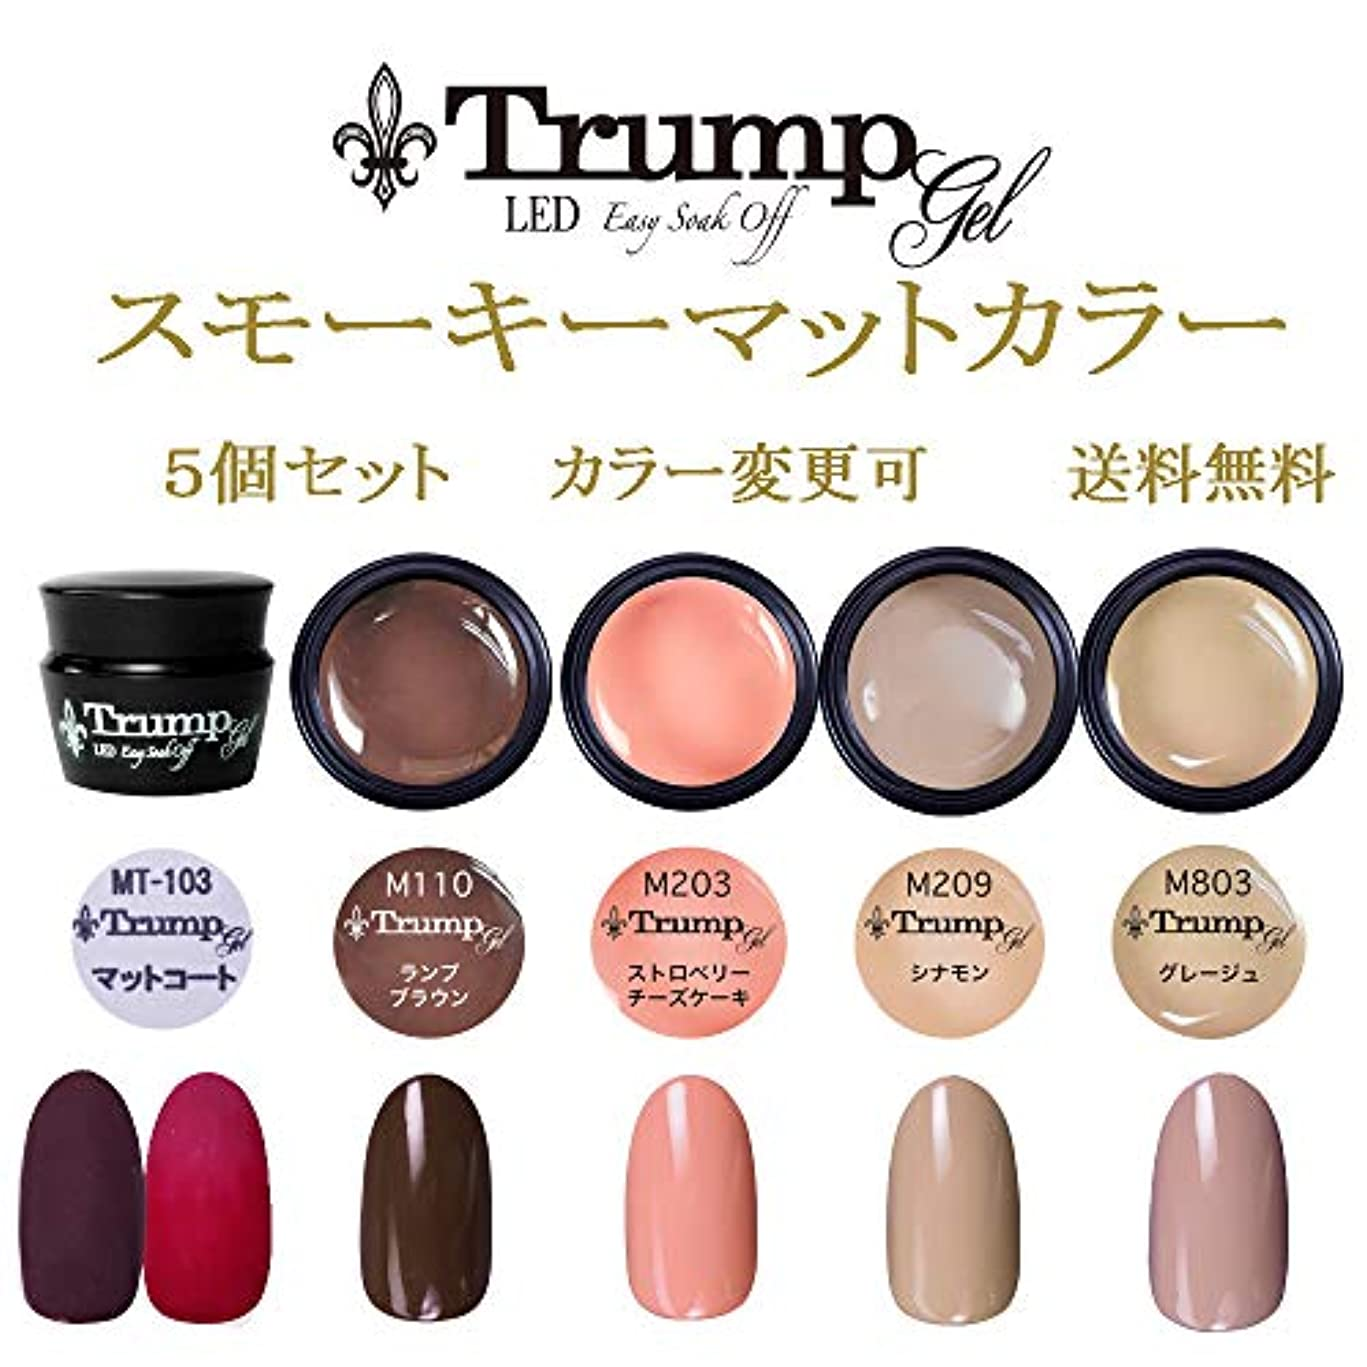 プレゼンター拾う王位【送料無料】日本製 Trump gel トランプジェル スモーキーマット カラージェル 5個セット 魅惑のフロストマットトップとマットに合う人気カラーをチョイス